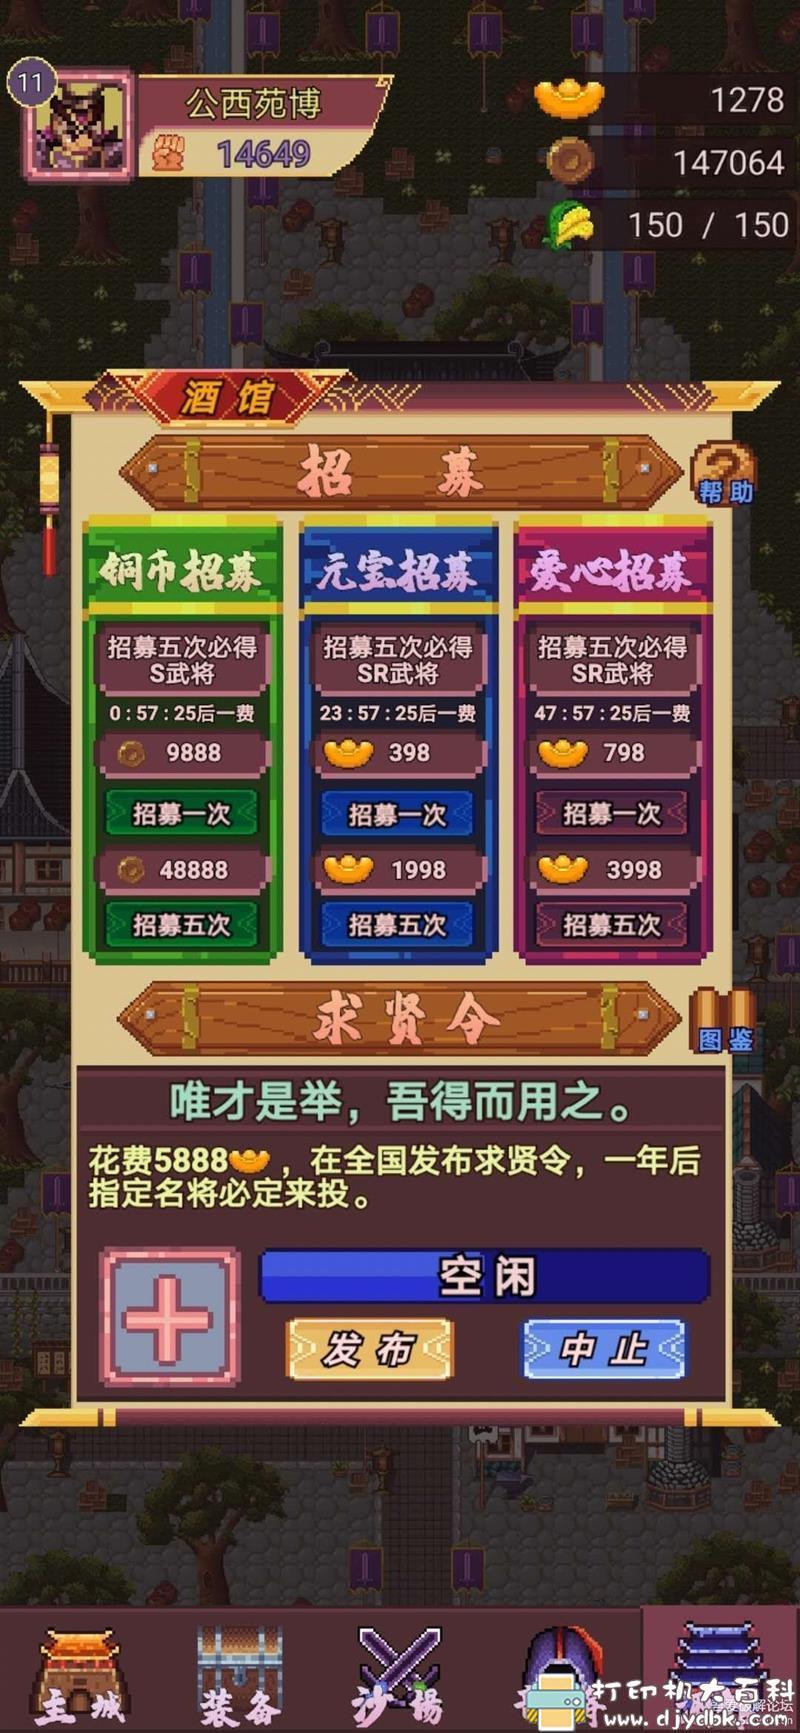 安卓游戏分享:三国志小兵传奇2.0,元宝不减反增 配图 No.1